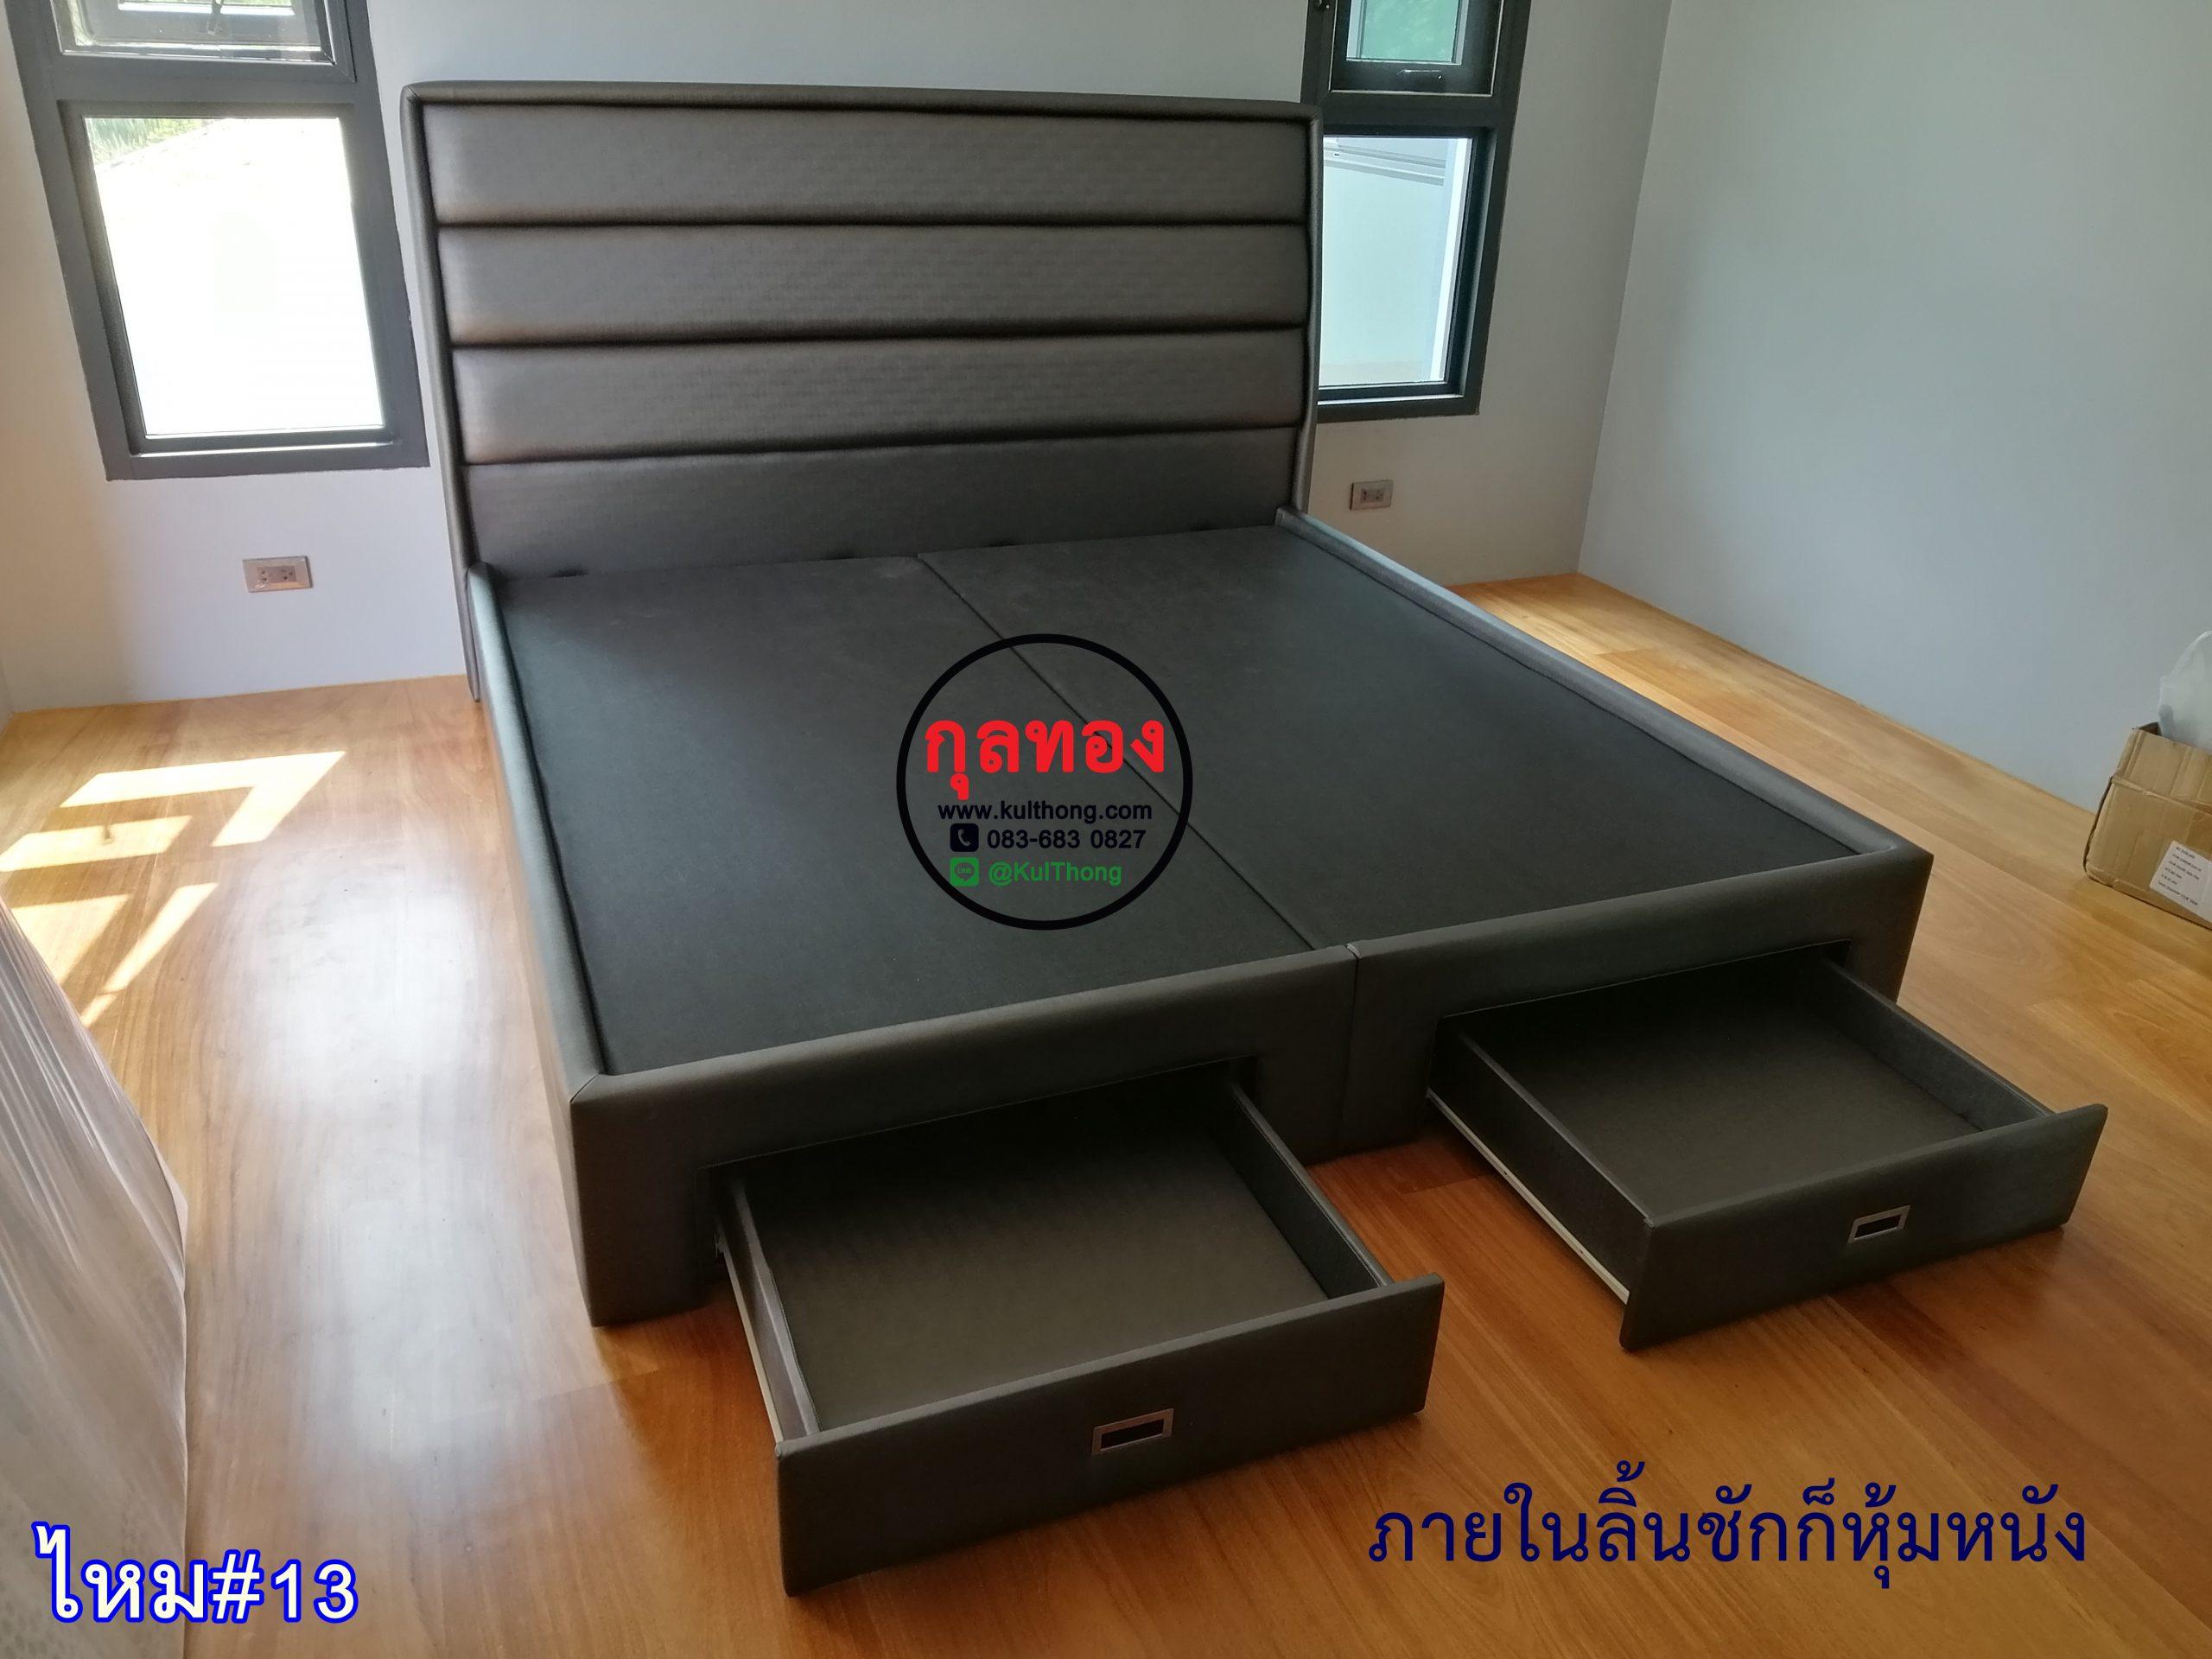 เตียงหุ้มหนังมีลิ้นชัก เตียงเก็บของ ฐานรองที่นอน เตียงนอนปาช่อง